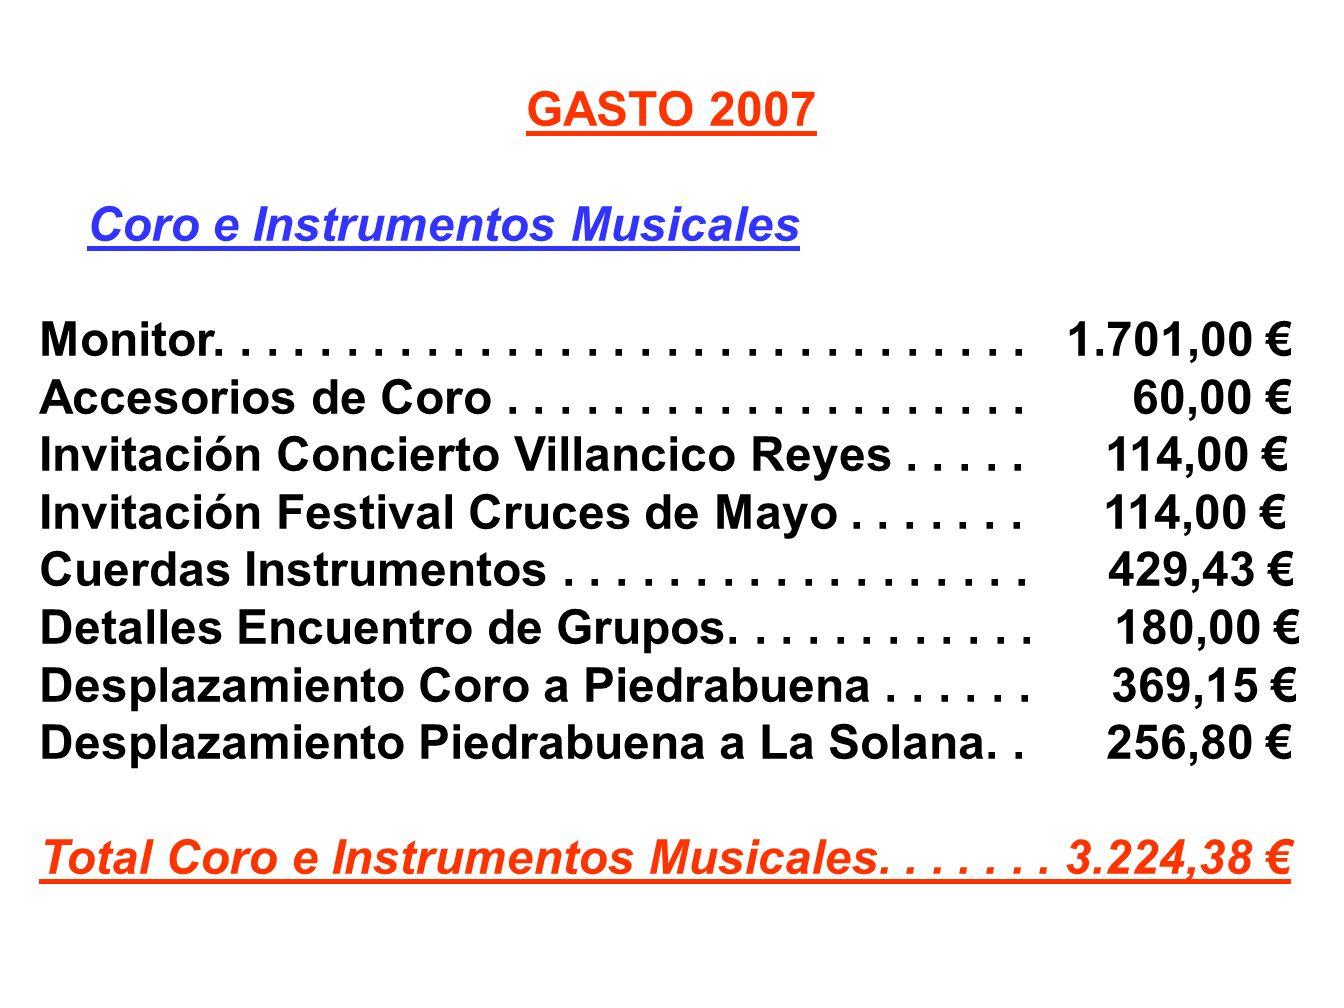 GASTO 2007 Coro e Instrumentos Musicales. Monitor. . . . . . . . . . . . . . . . . . . . . . . . . . . . . . . 1.701,00 €